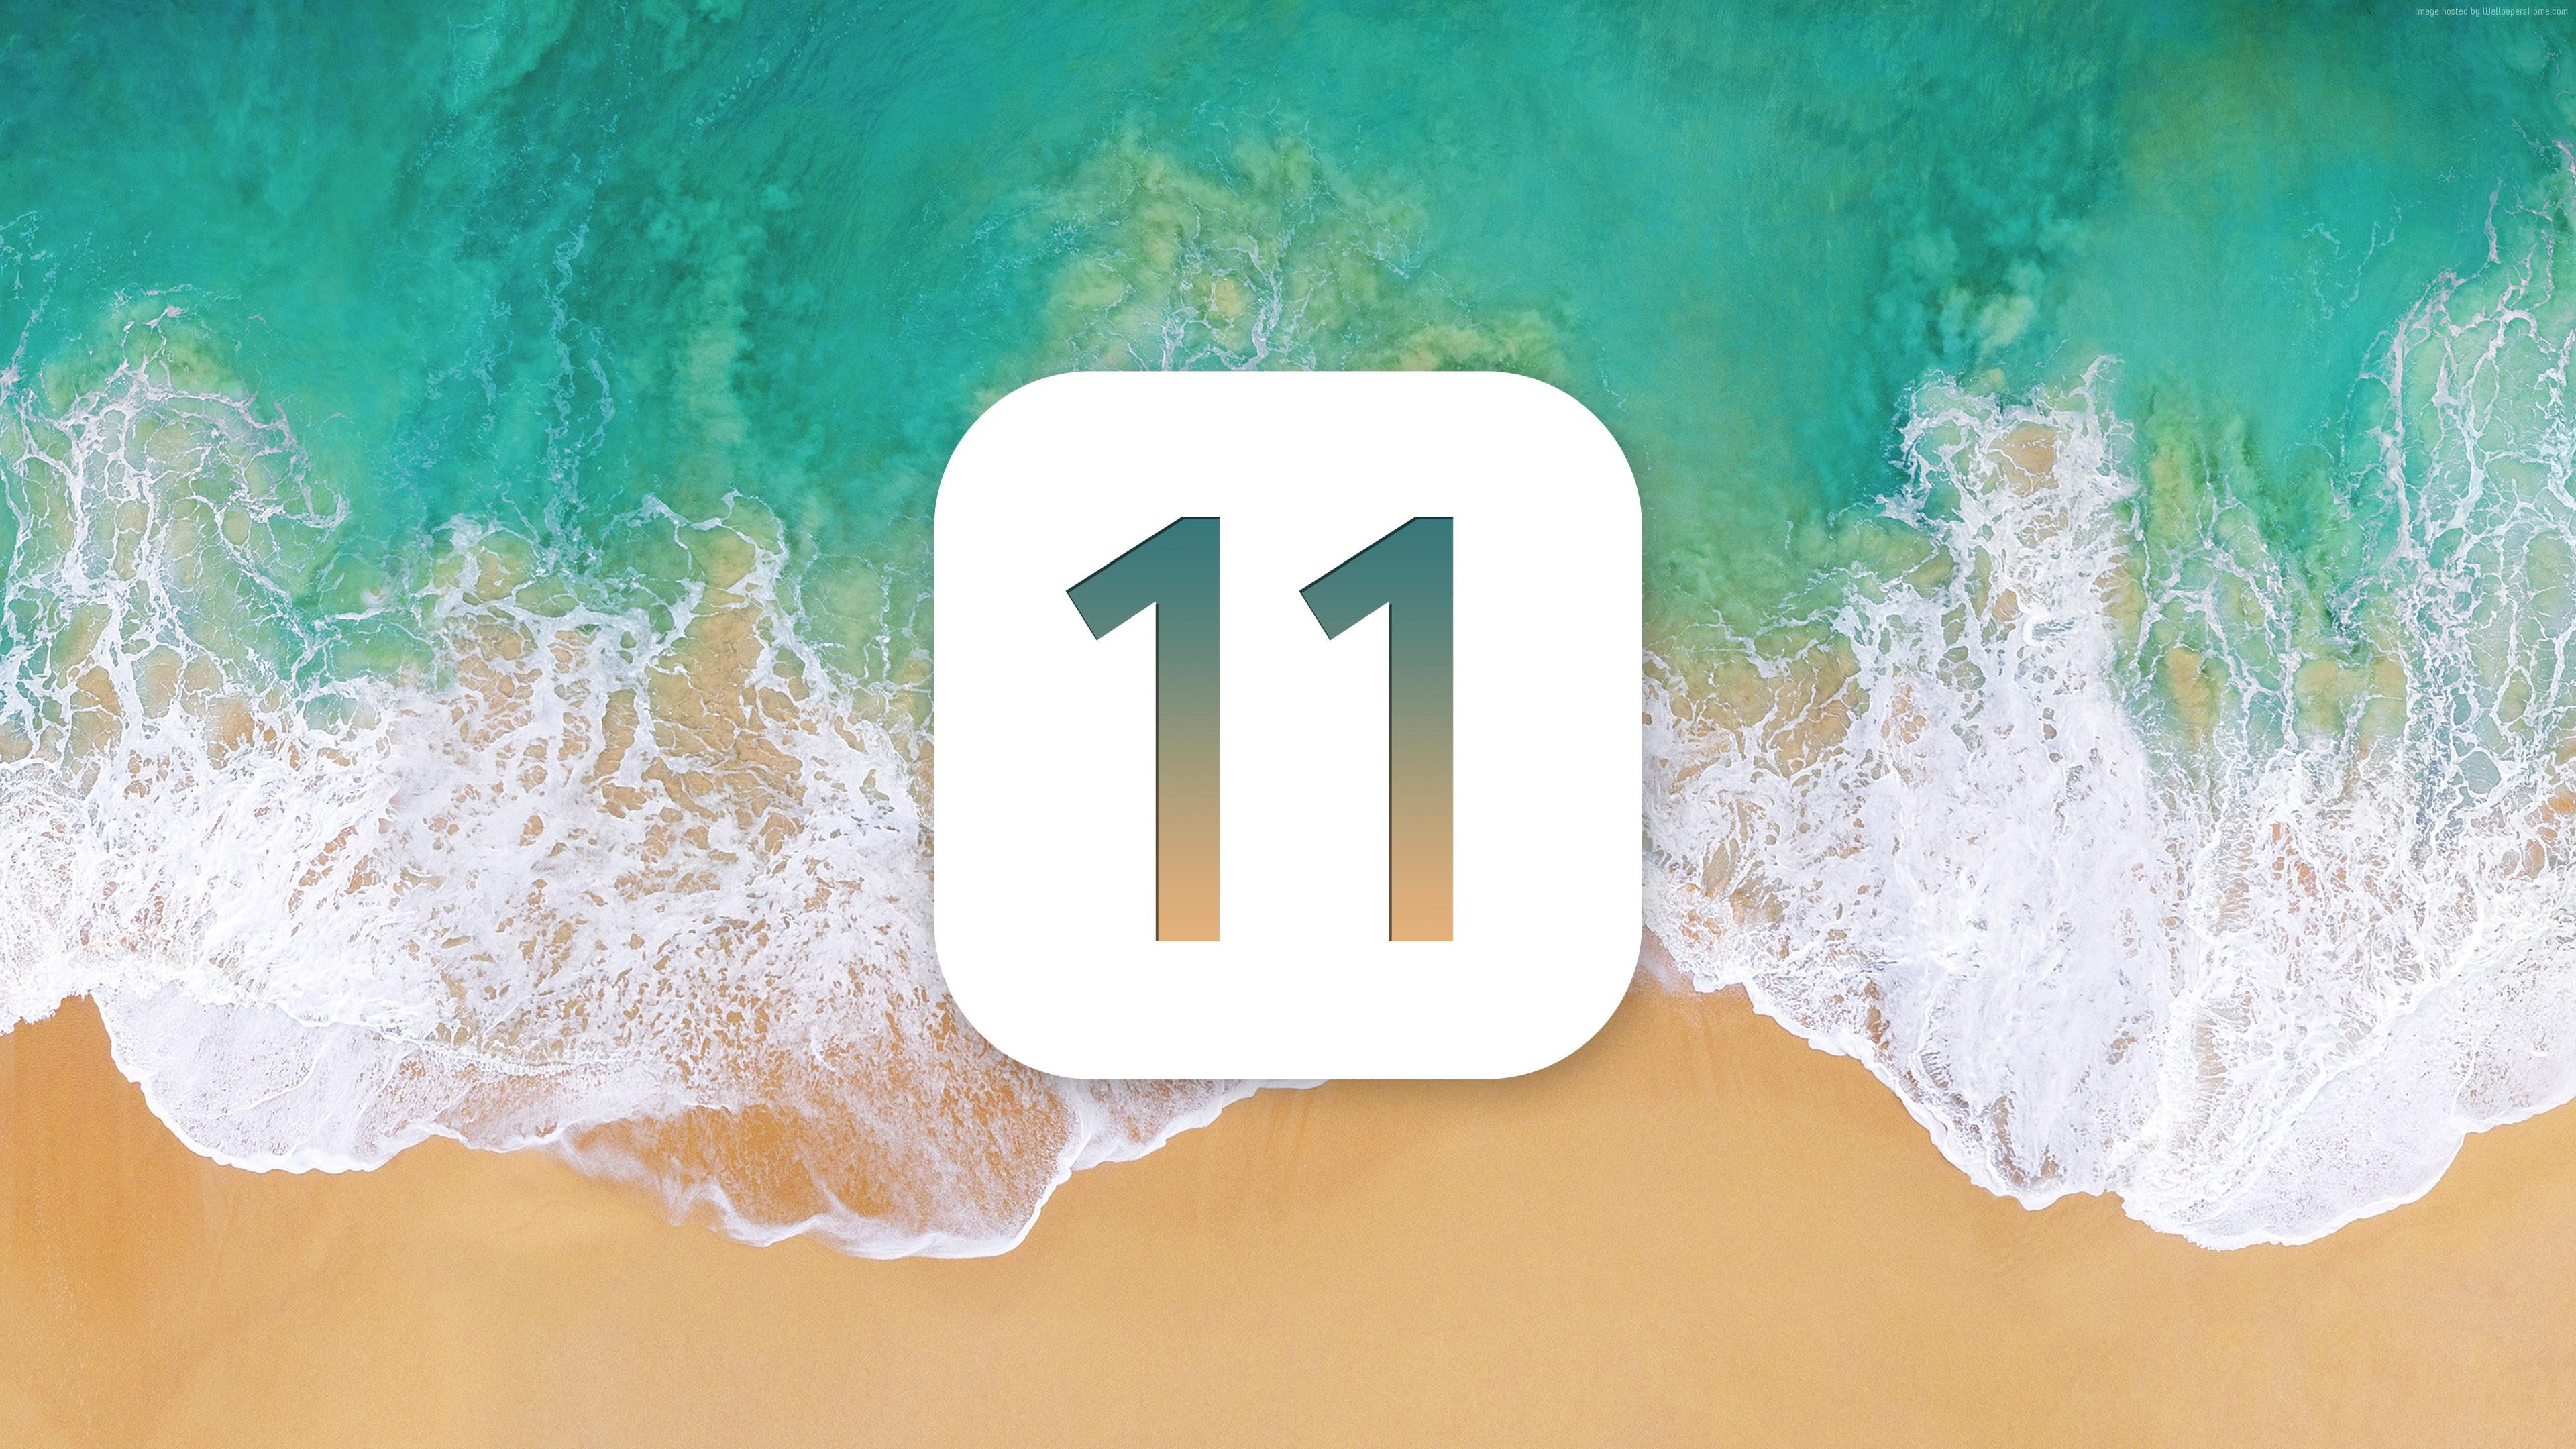 Megérkezett az iOS 11.2, akinek újraindulgat a telefonja SOS frissítsen